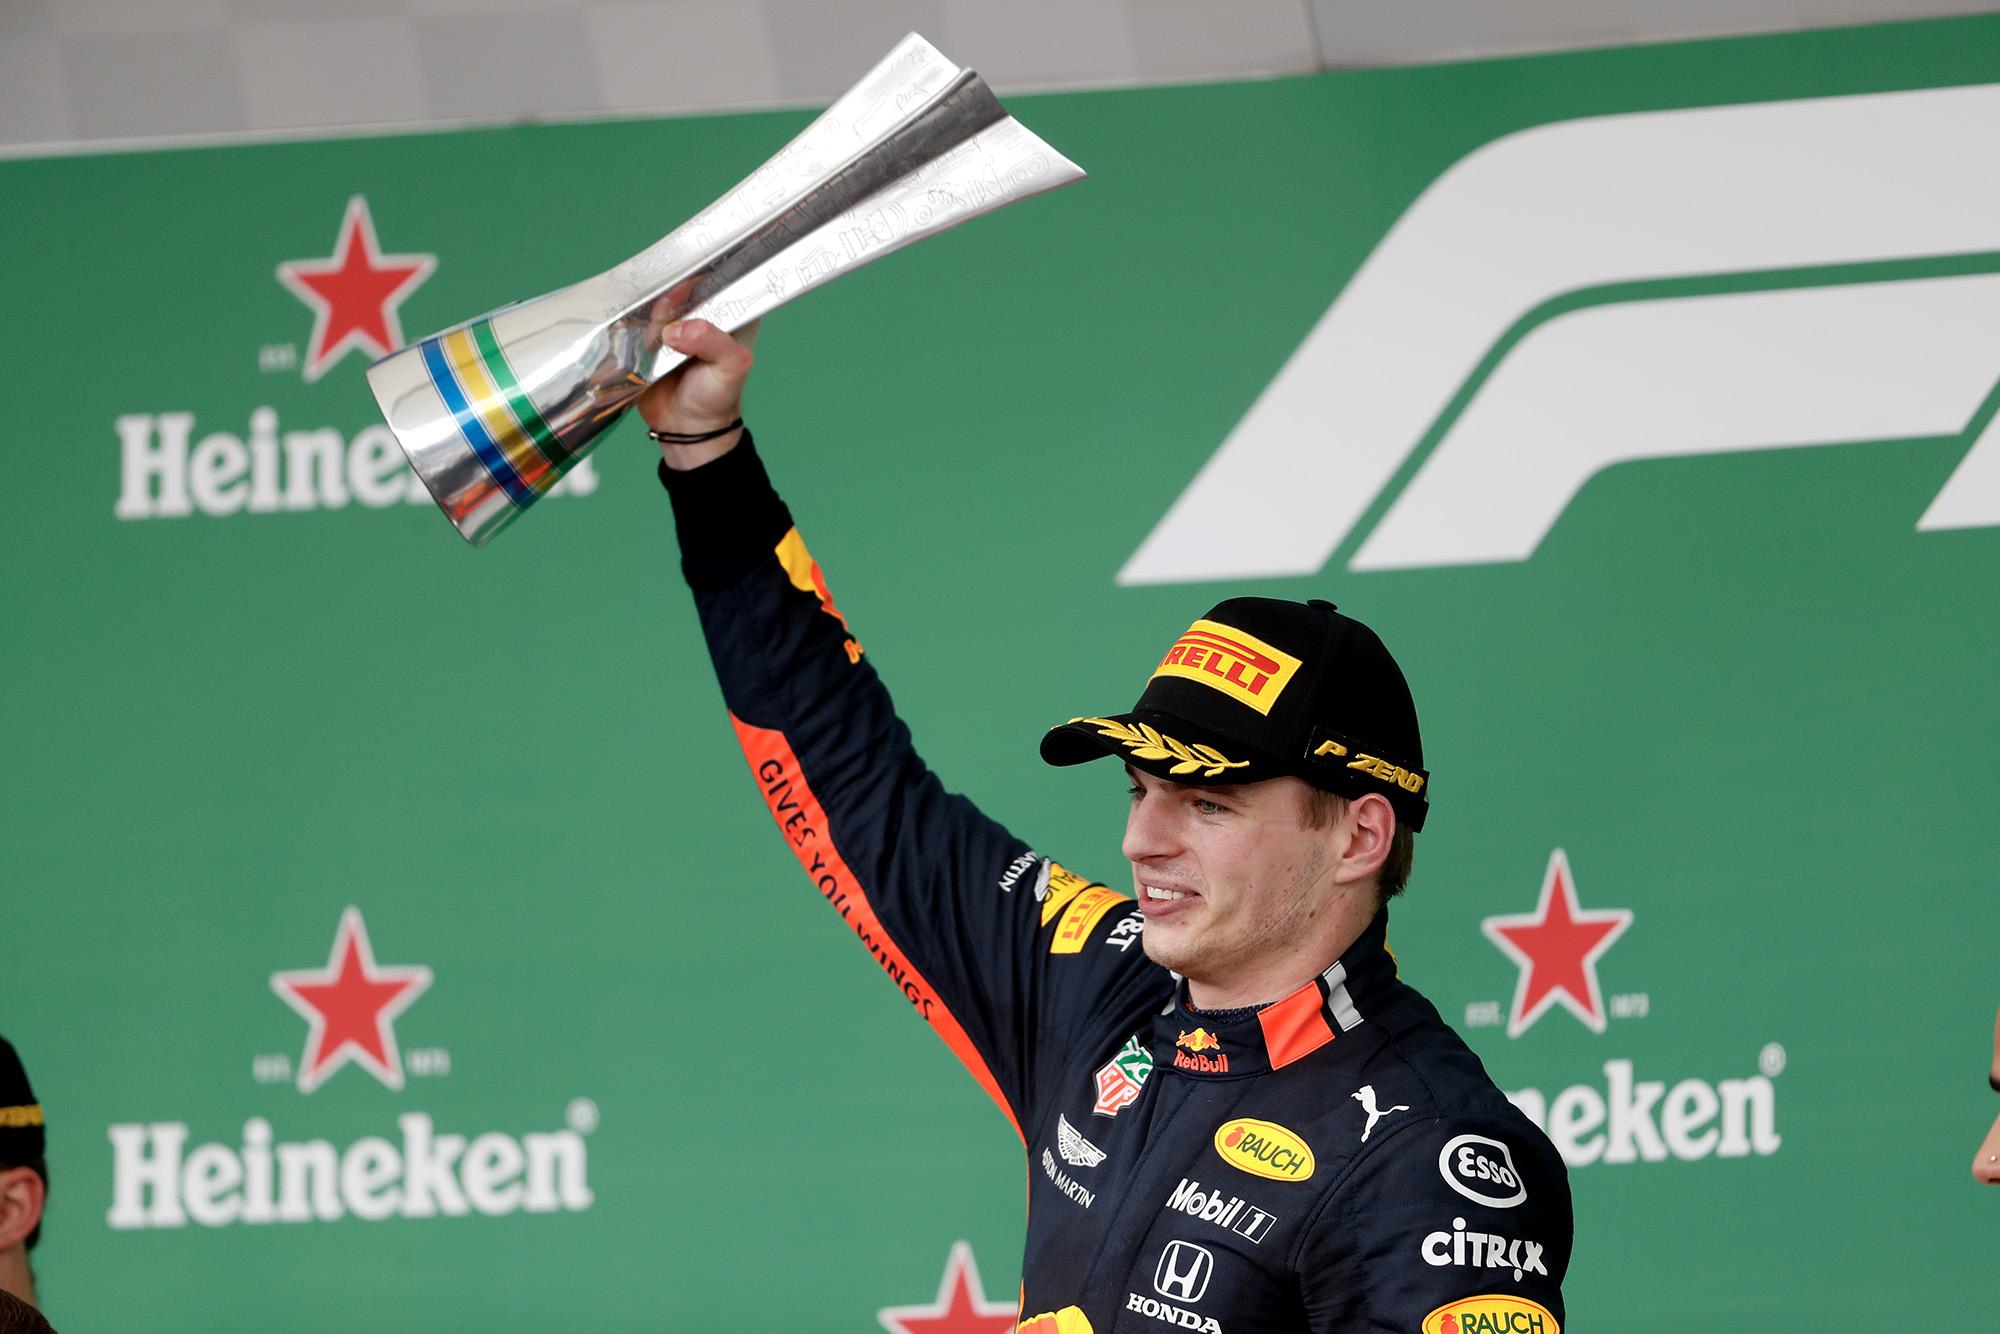 Max Verstappen celebrates victory at the 2019 Brazilian Grand Prix